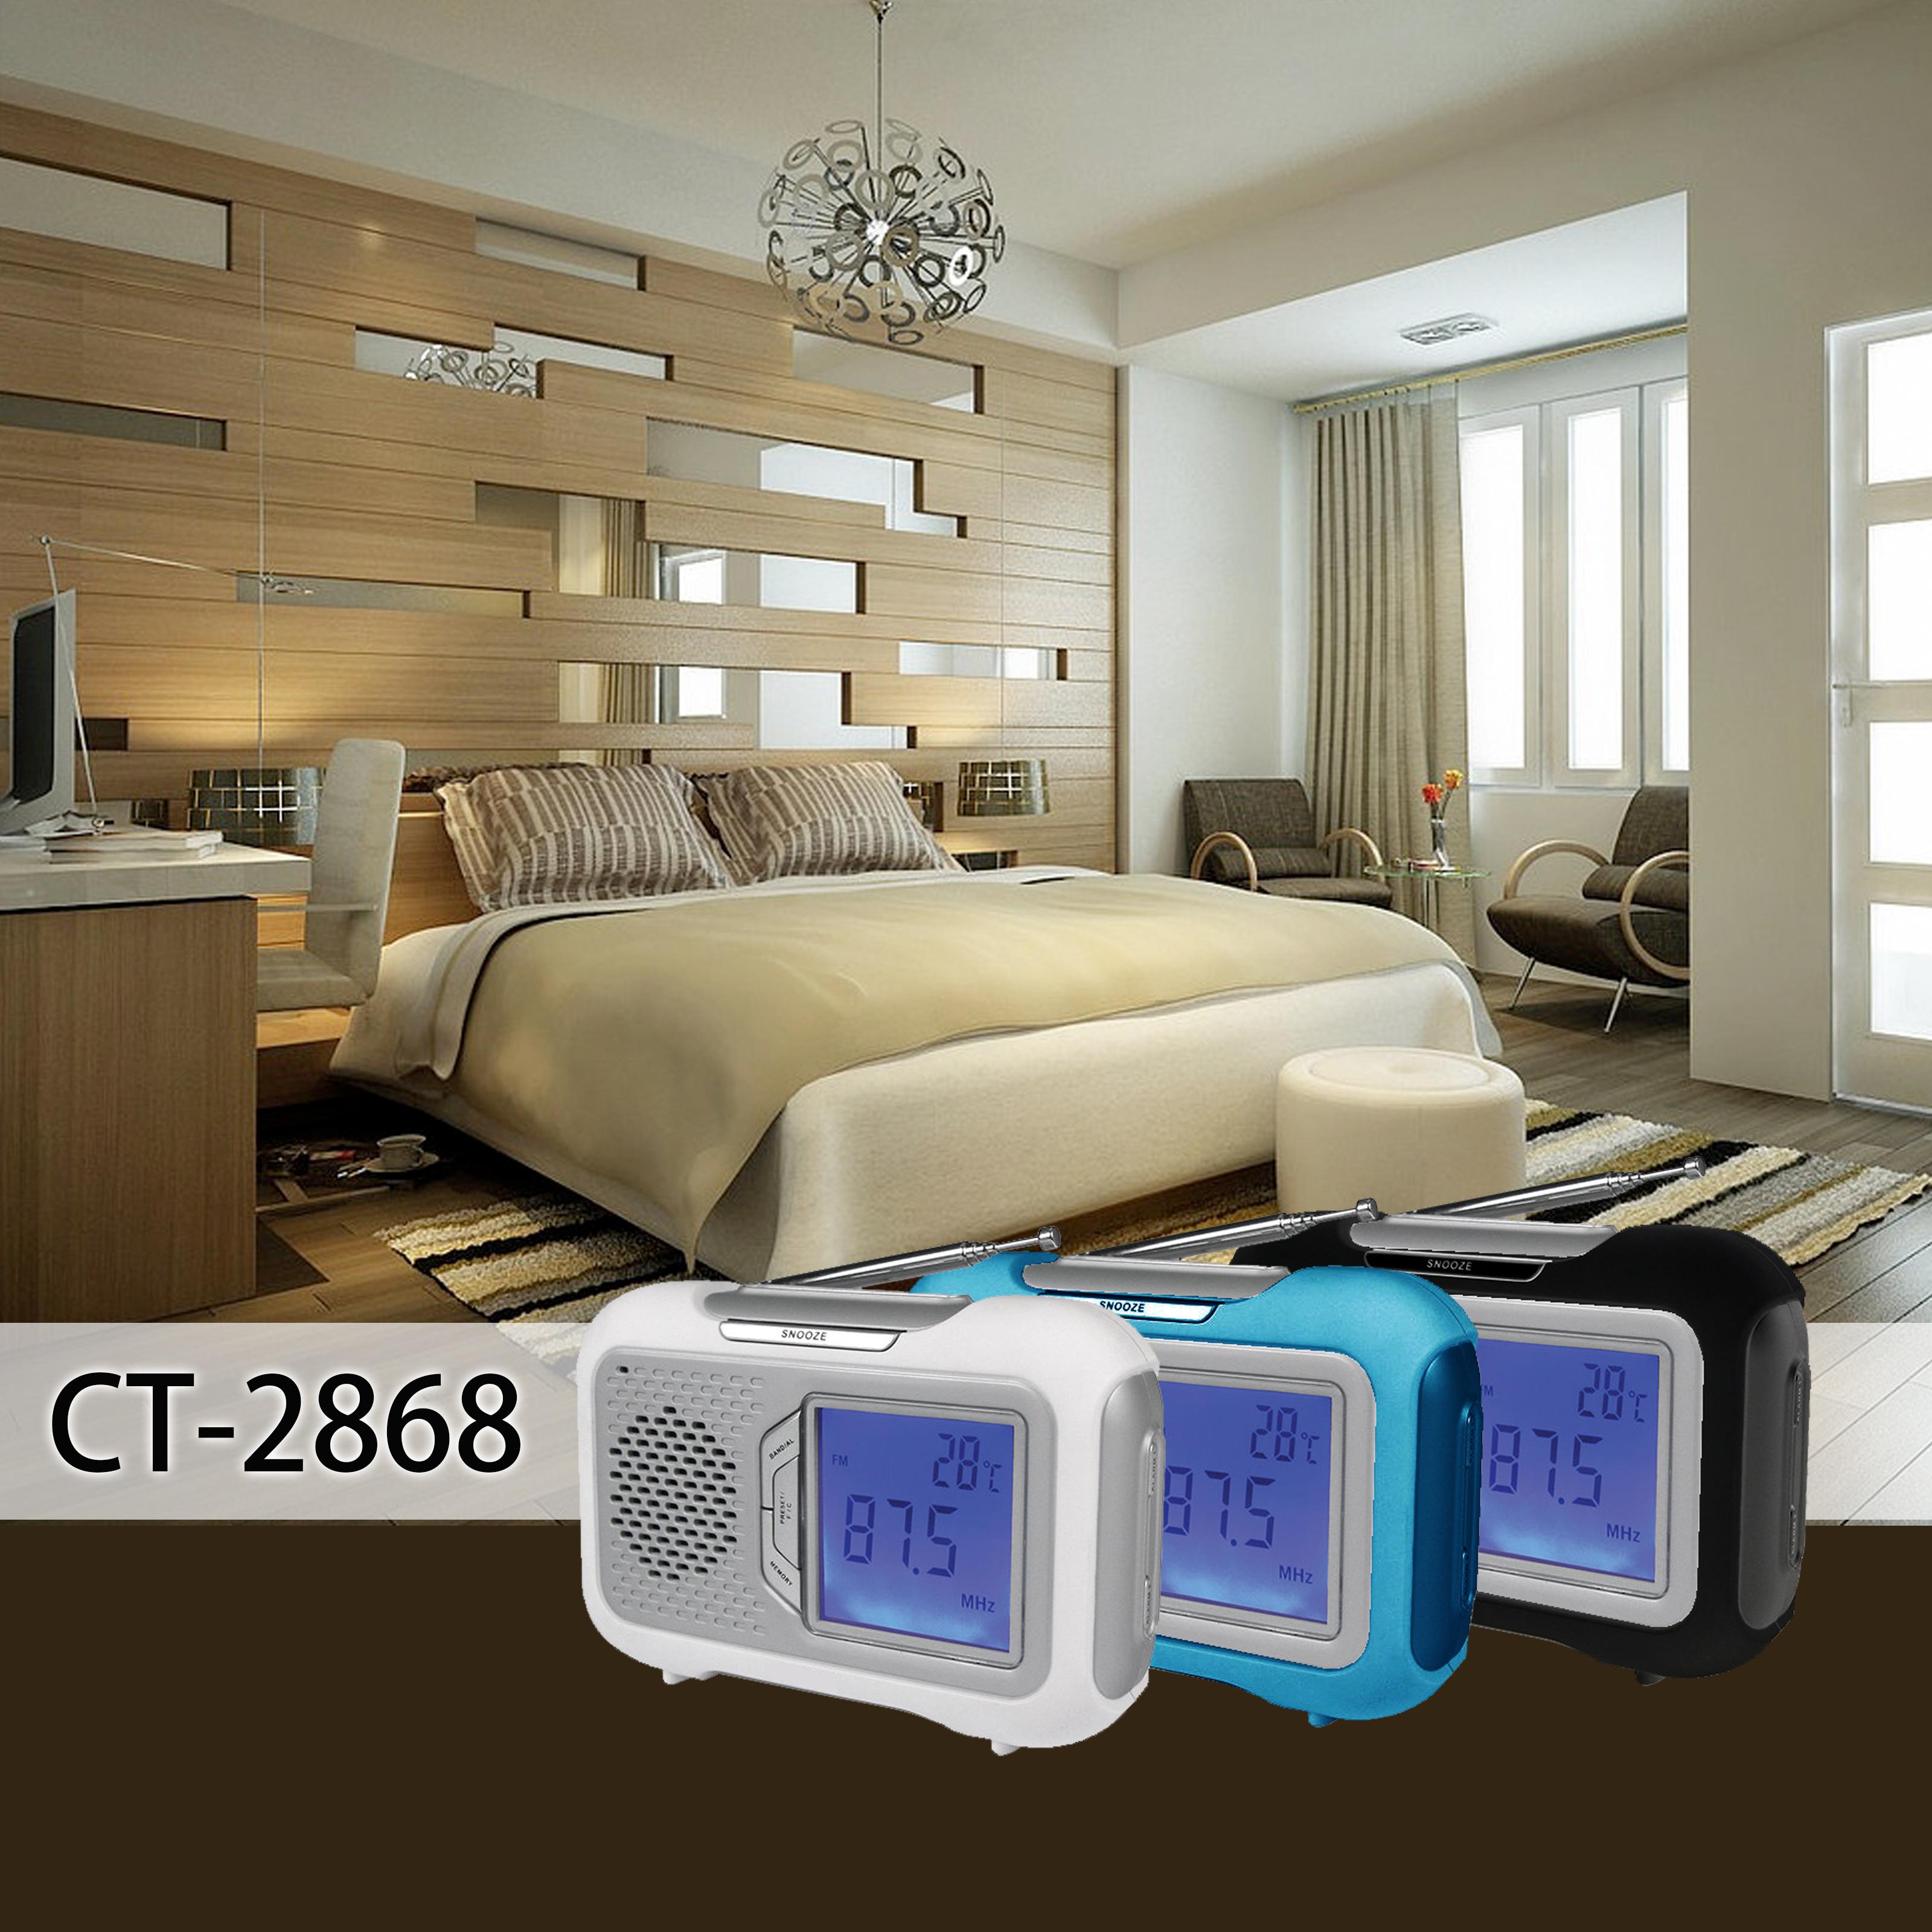 CT-2868 BEDROOM.jpg